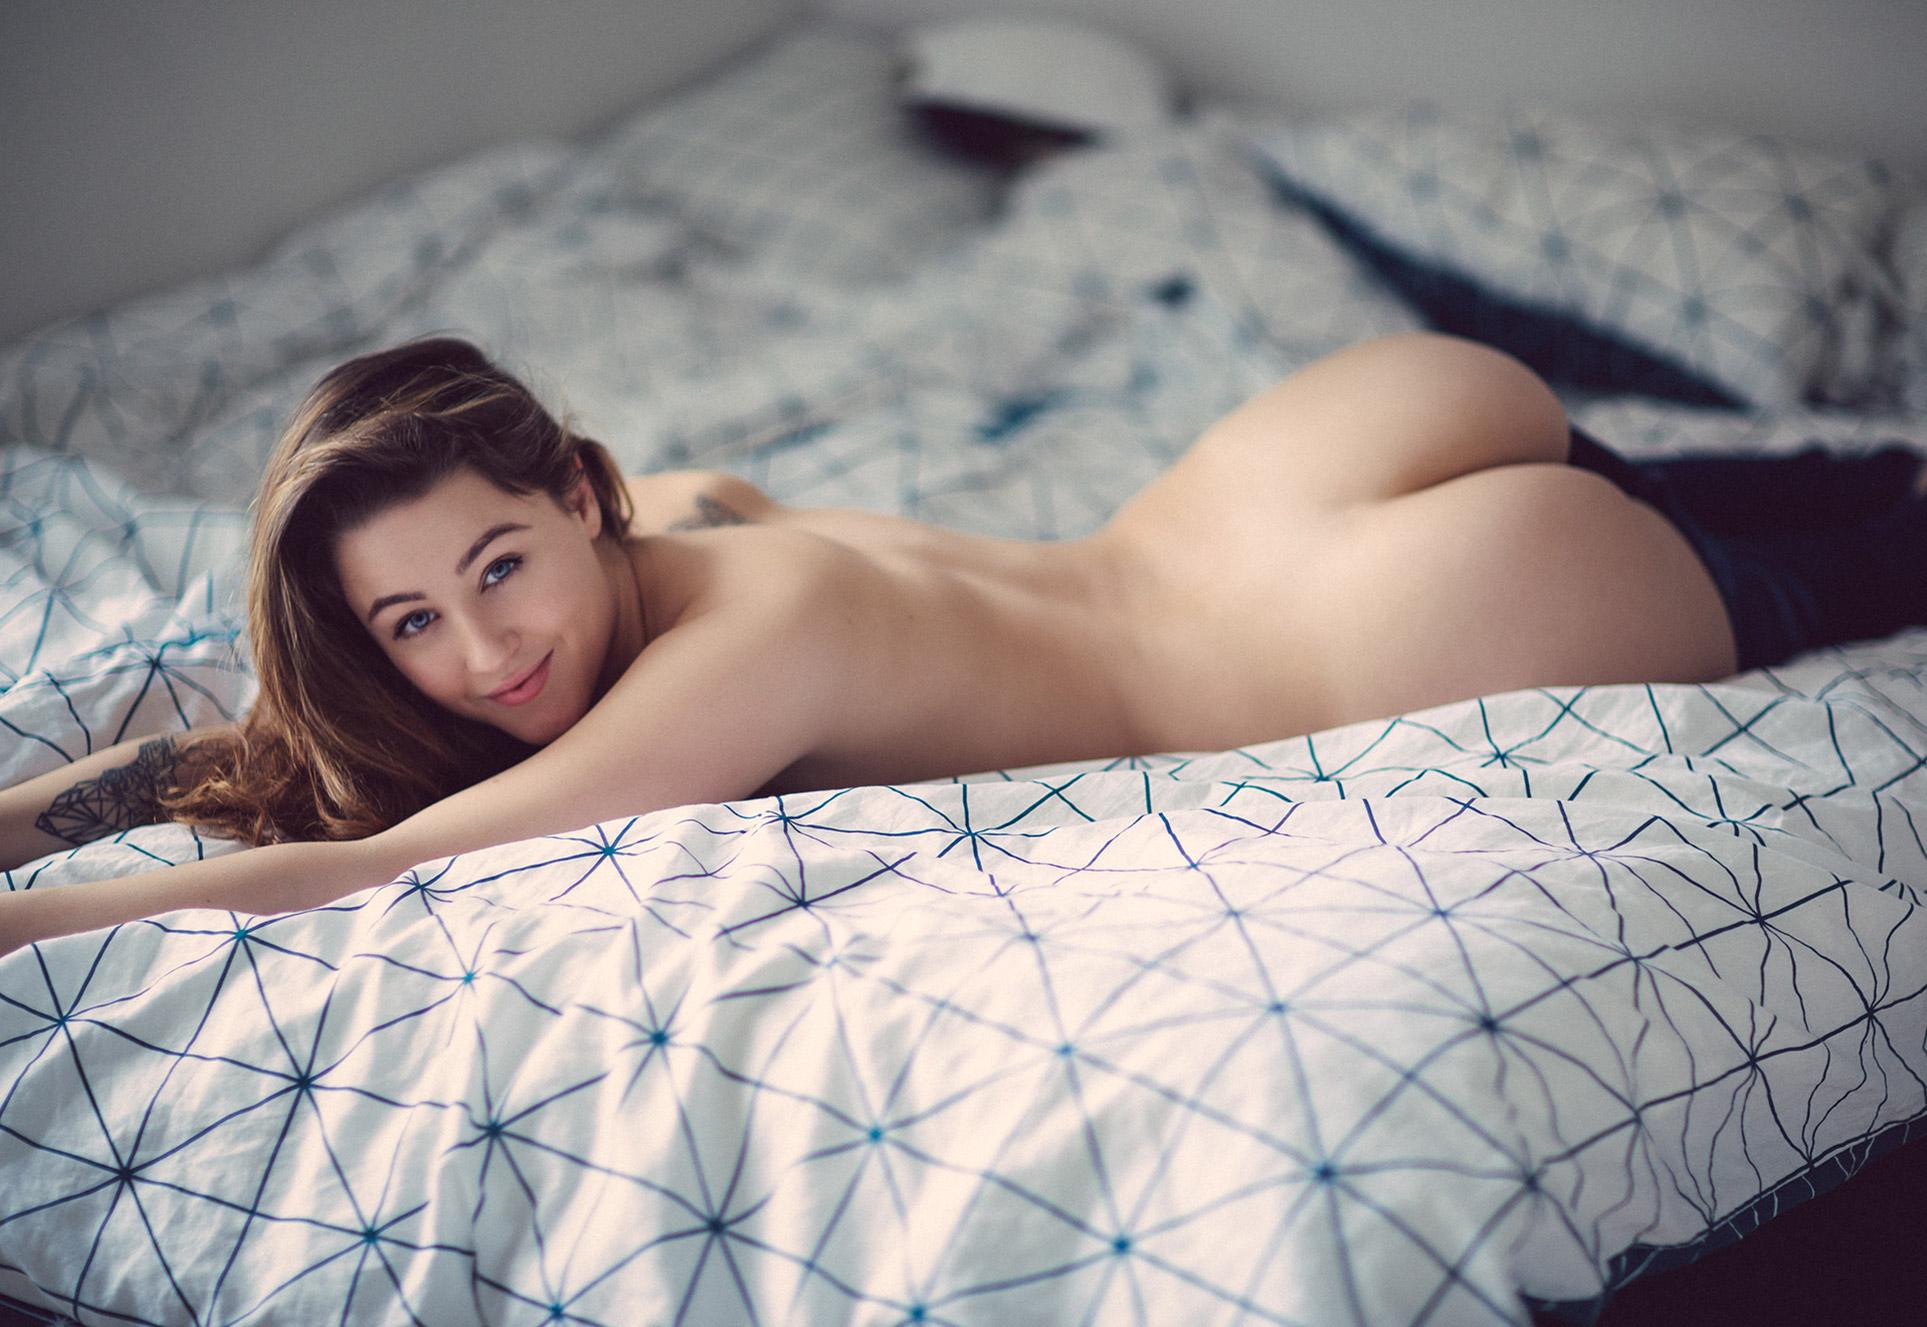 Yasmina Alexandra nude by Thomas Agatz